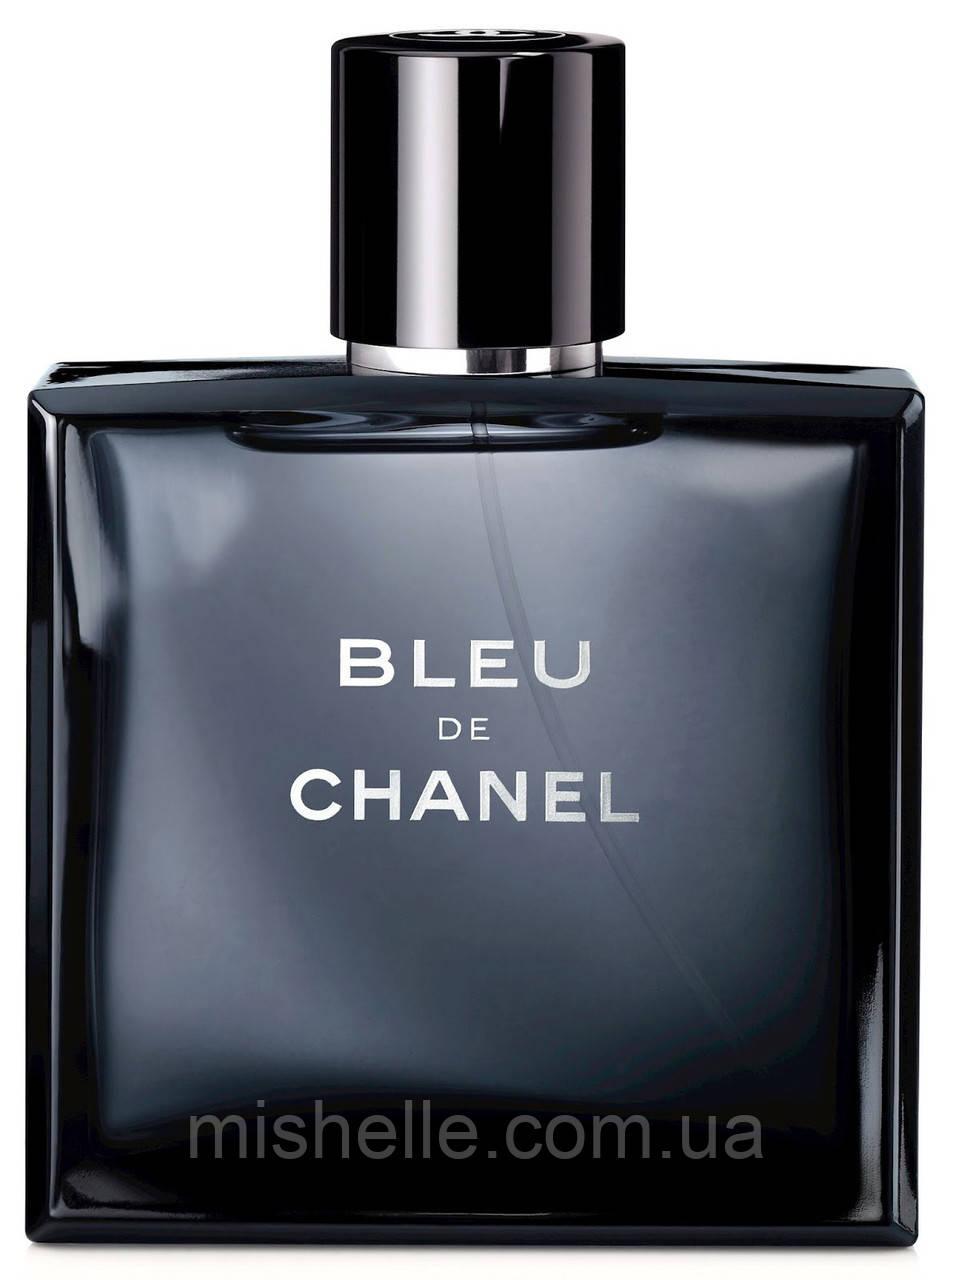 Тестер Chanel Bleu de Chanel Eau de Toilette (Шанель Блю де Шанель туалетная вода) реплика ОАЭ